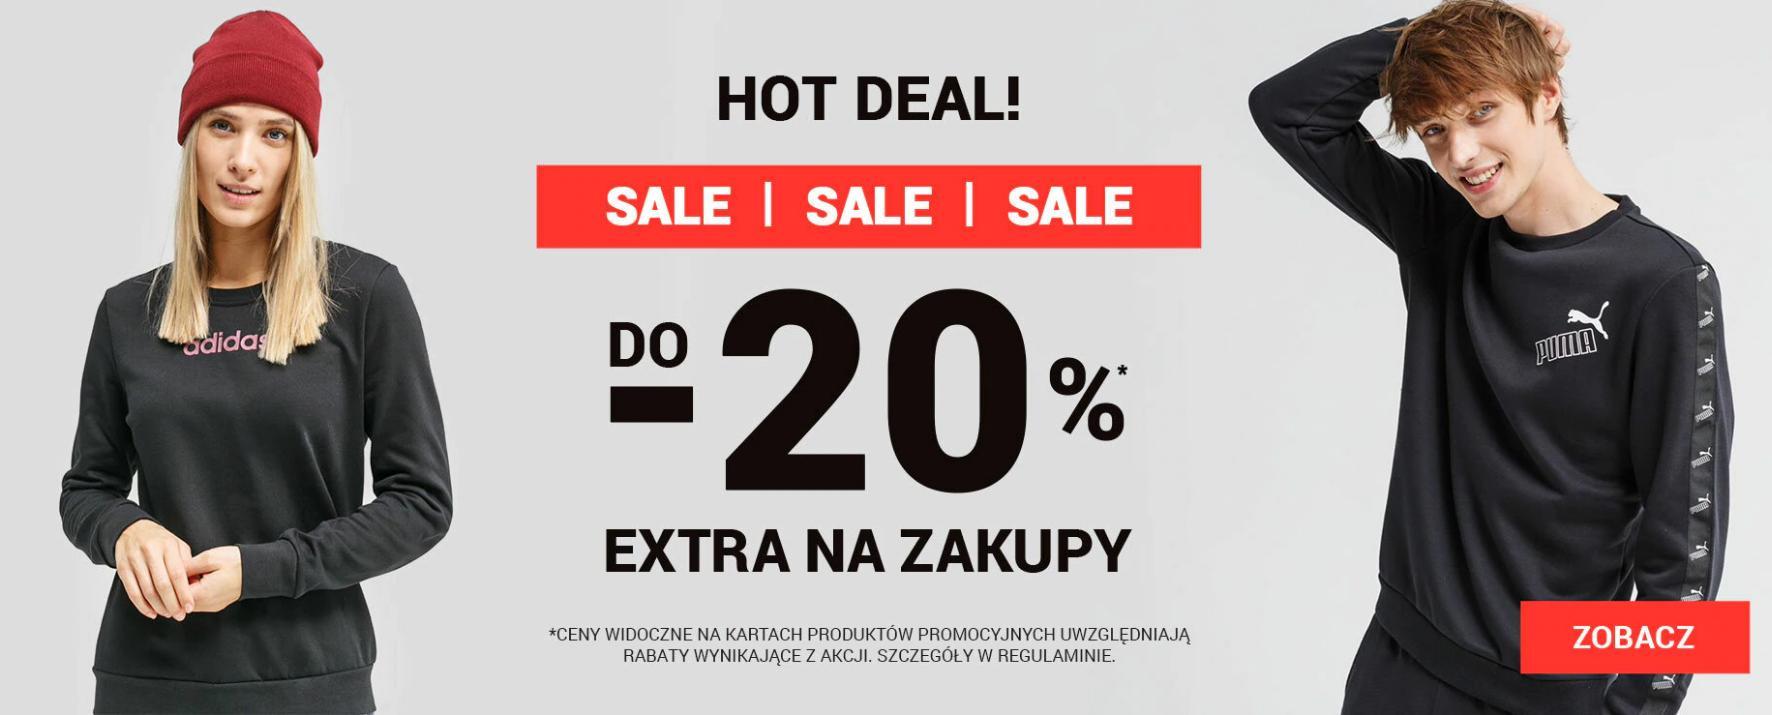 ButySportowe.pl: dodatkowe 20% rabatu na obuwie nieprzecenione oraz przecenione